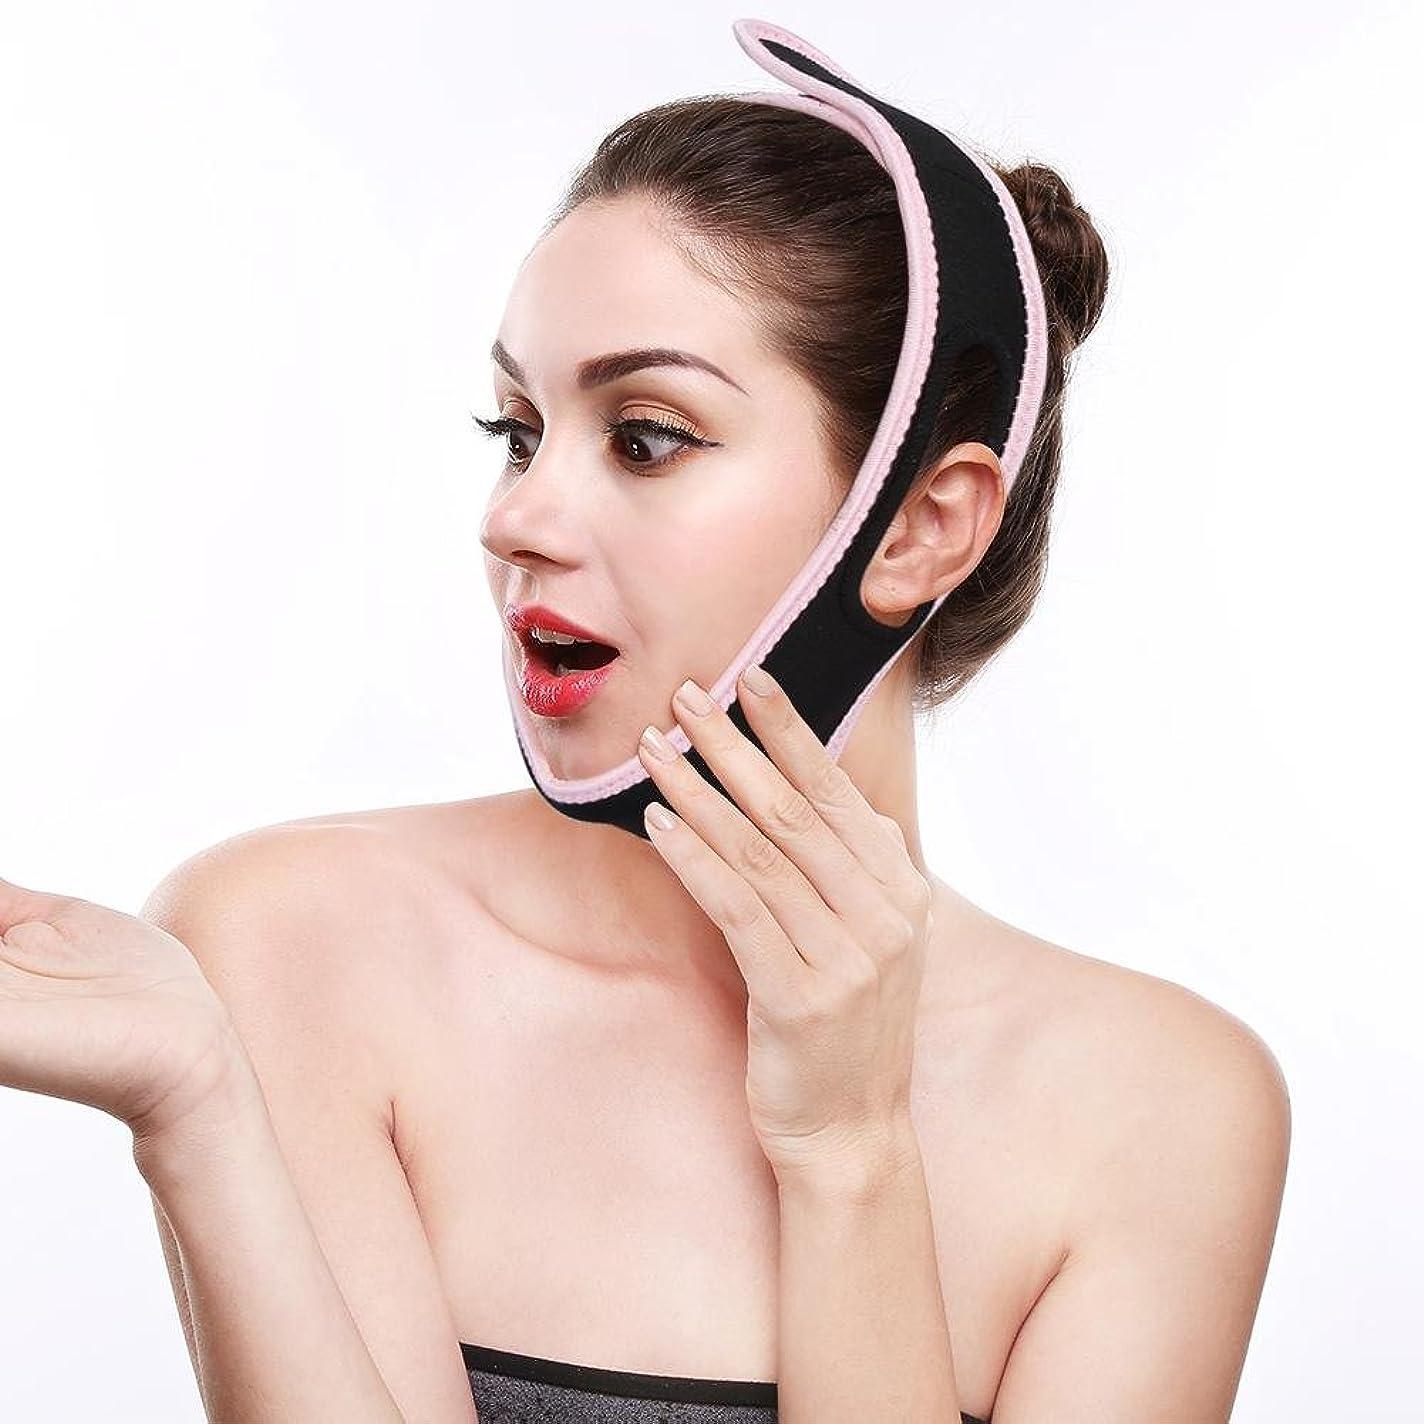 フェイススリミング包帯、顎リフト フェイススリミング包帯 Vフェイス バンデージ フェイスリフトマスク